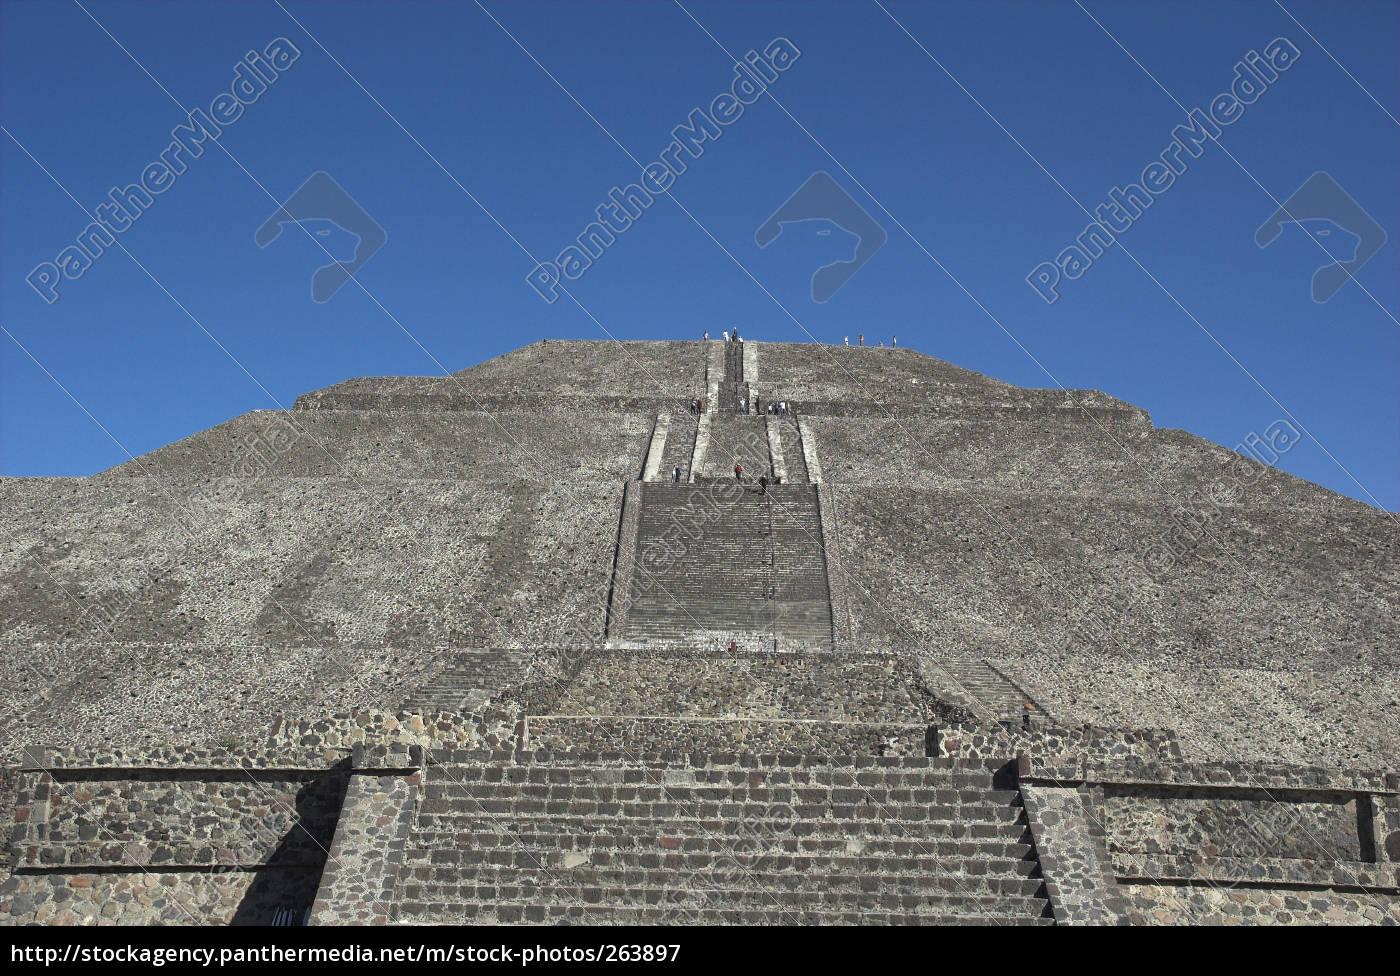 pyramid, tehuatican, mexico - 263897